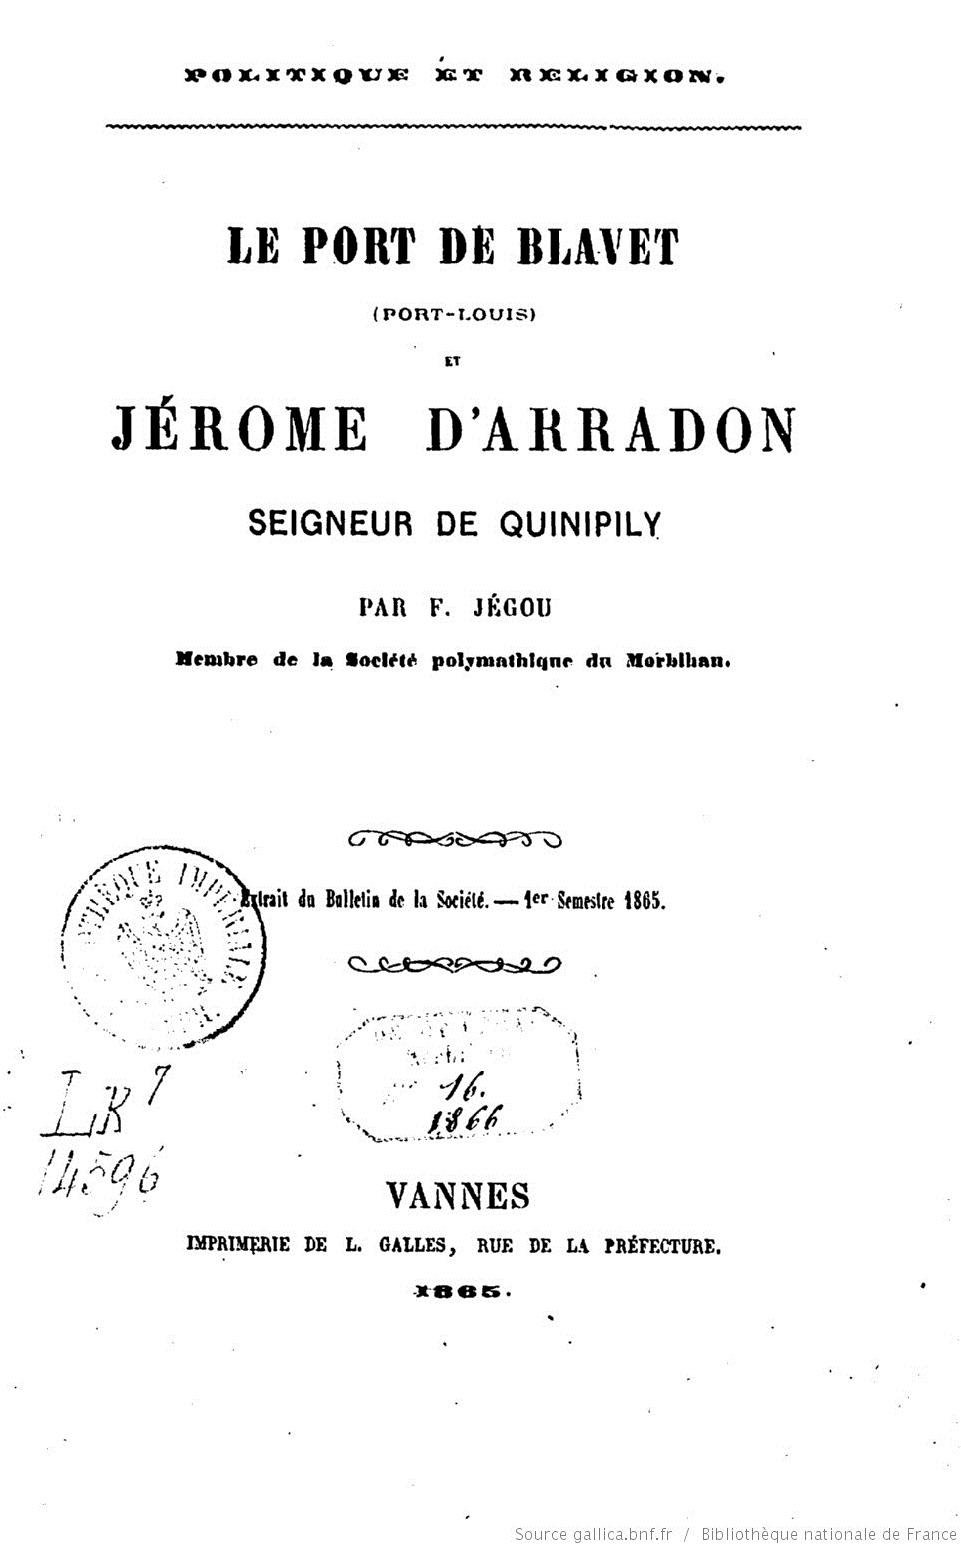 Serrurier Lorient dedans 2 greffier au tribunal de pontivy et de lorient - un historien à lorient